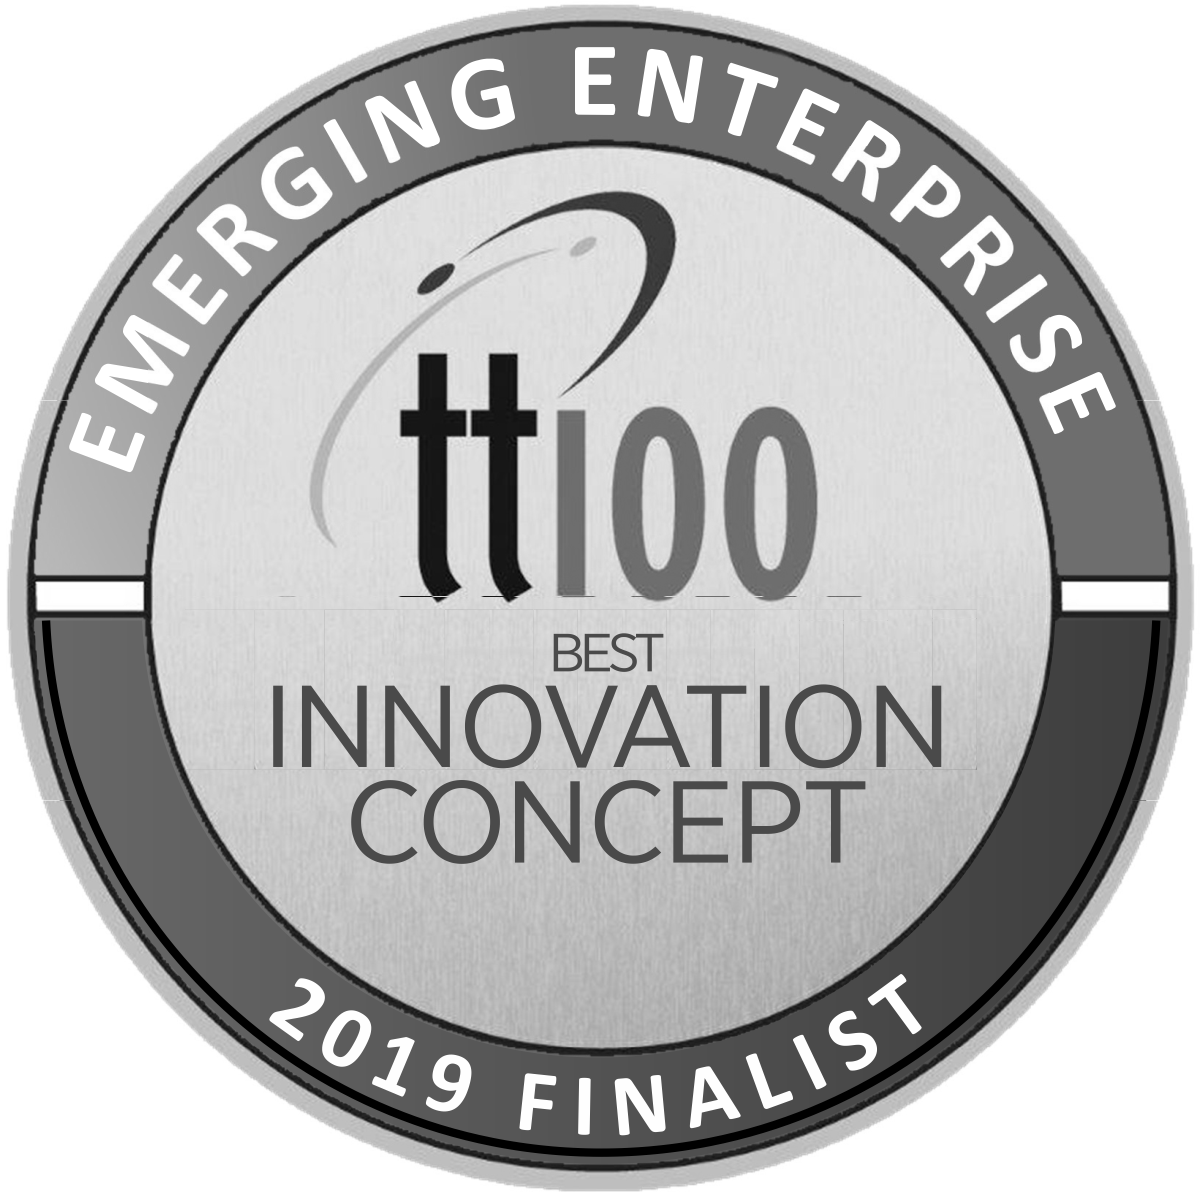 tt100-best-innovation-concept-01